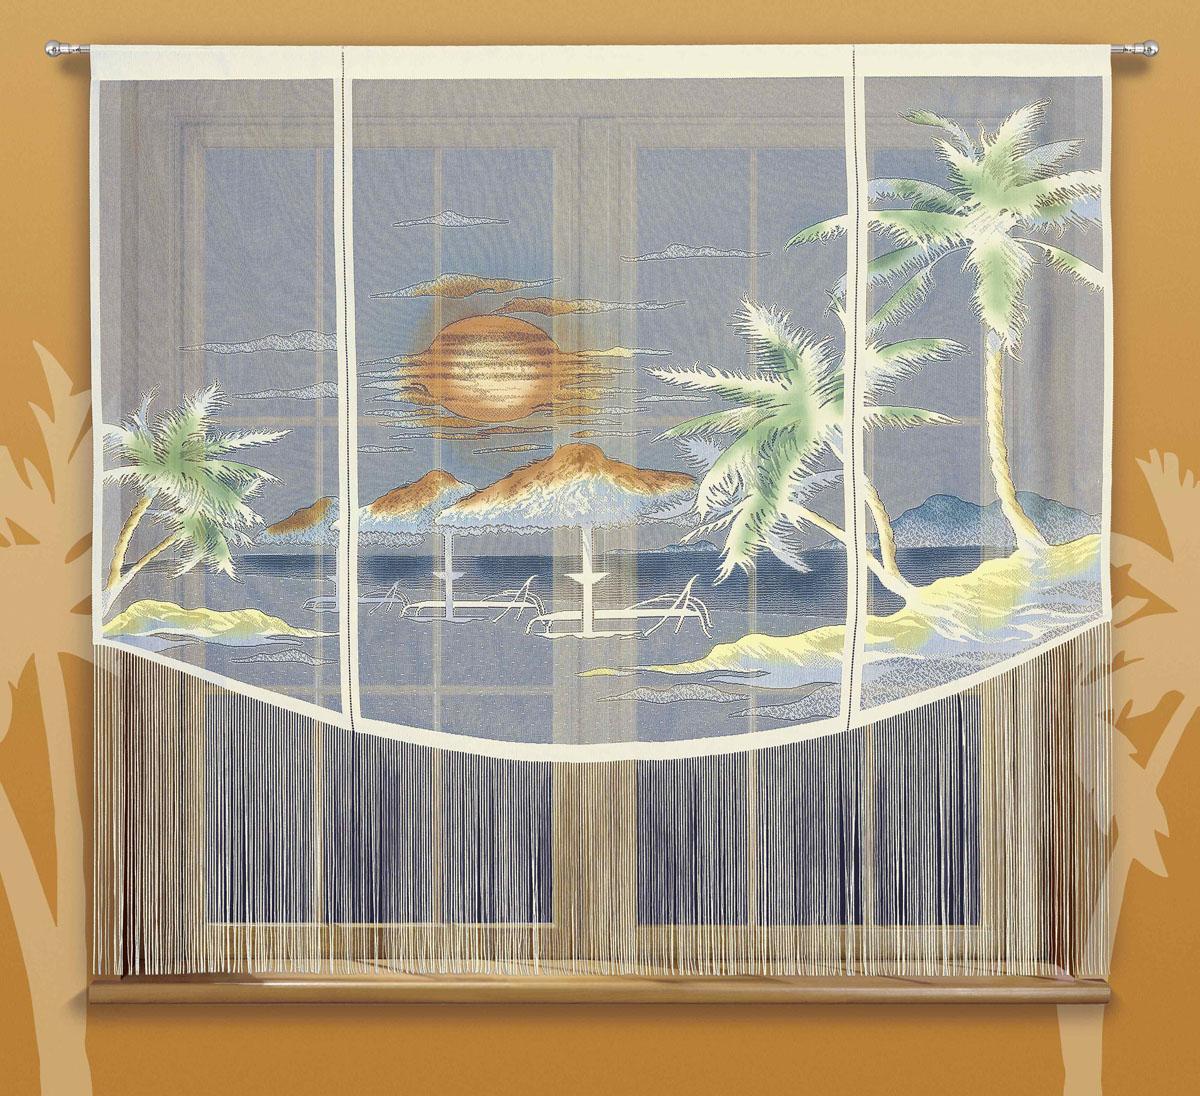 Гардина Karaiby, на кулиске, цвет: кремовый, высота 180 см672905Гардина Karaiby, изготовленная из полиэстера кремового цвета, станет великолепным украшением любого окна. Нижняя часть гардины декорирована бахромой. Тонкое плетение и рисунок в виде моря и пляжа привлекут к себе внимание и органично впишутся в интерьер. Верхняя часть гардины оснащена кулиской для крепления на круглый карниз. Характеристики:Материал: 100% полиэстер. Цвет: кремовый. Высота кулиски: 6 см. Размер упаковки:25 см х 2 см х 36 см. Артикул: 724789.В комплект входит: Гардина - 1 шт. Размер (ШхВ): 200 см х 180 см. Фирма Wisan на польском рынке существует уже более пятидесяти лет и является одной из лучших польских фабрик по производству штор и тканей. Ассортимент фирмы представлен готовыми комплектами штор для гостиной, детской, кухни, а также текстилем для кухни (скатерти, салфетки, дорожки, кухонные занавески). Модельный ряд отличает оригинальный дизайн, высокое качество. Ассортимент продукции постоянно пополняется.